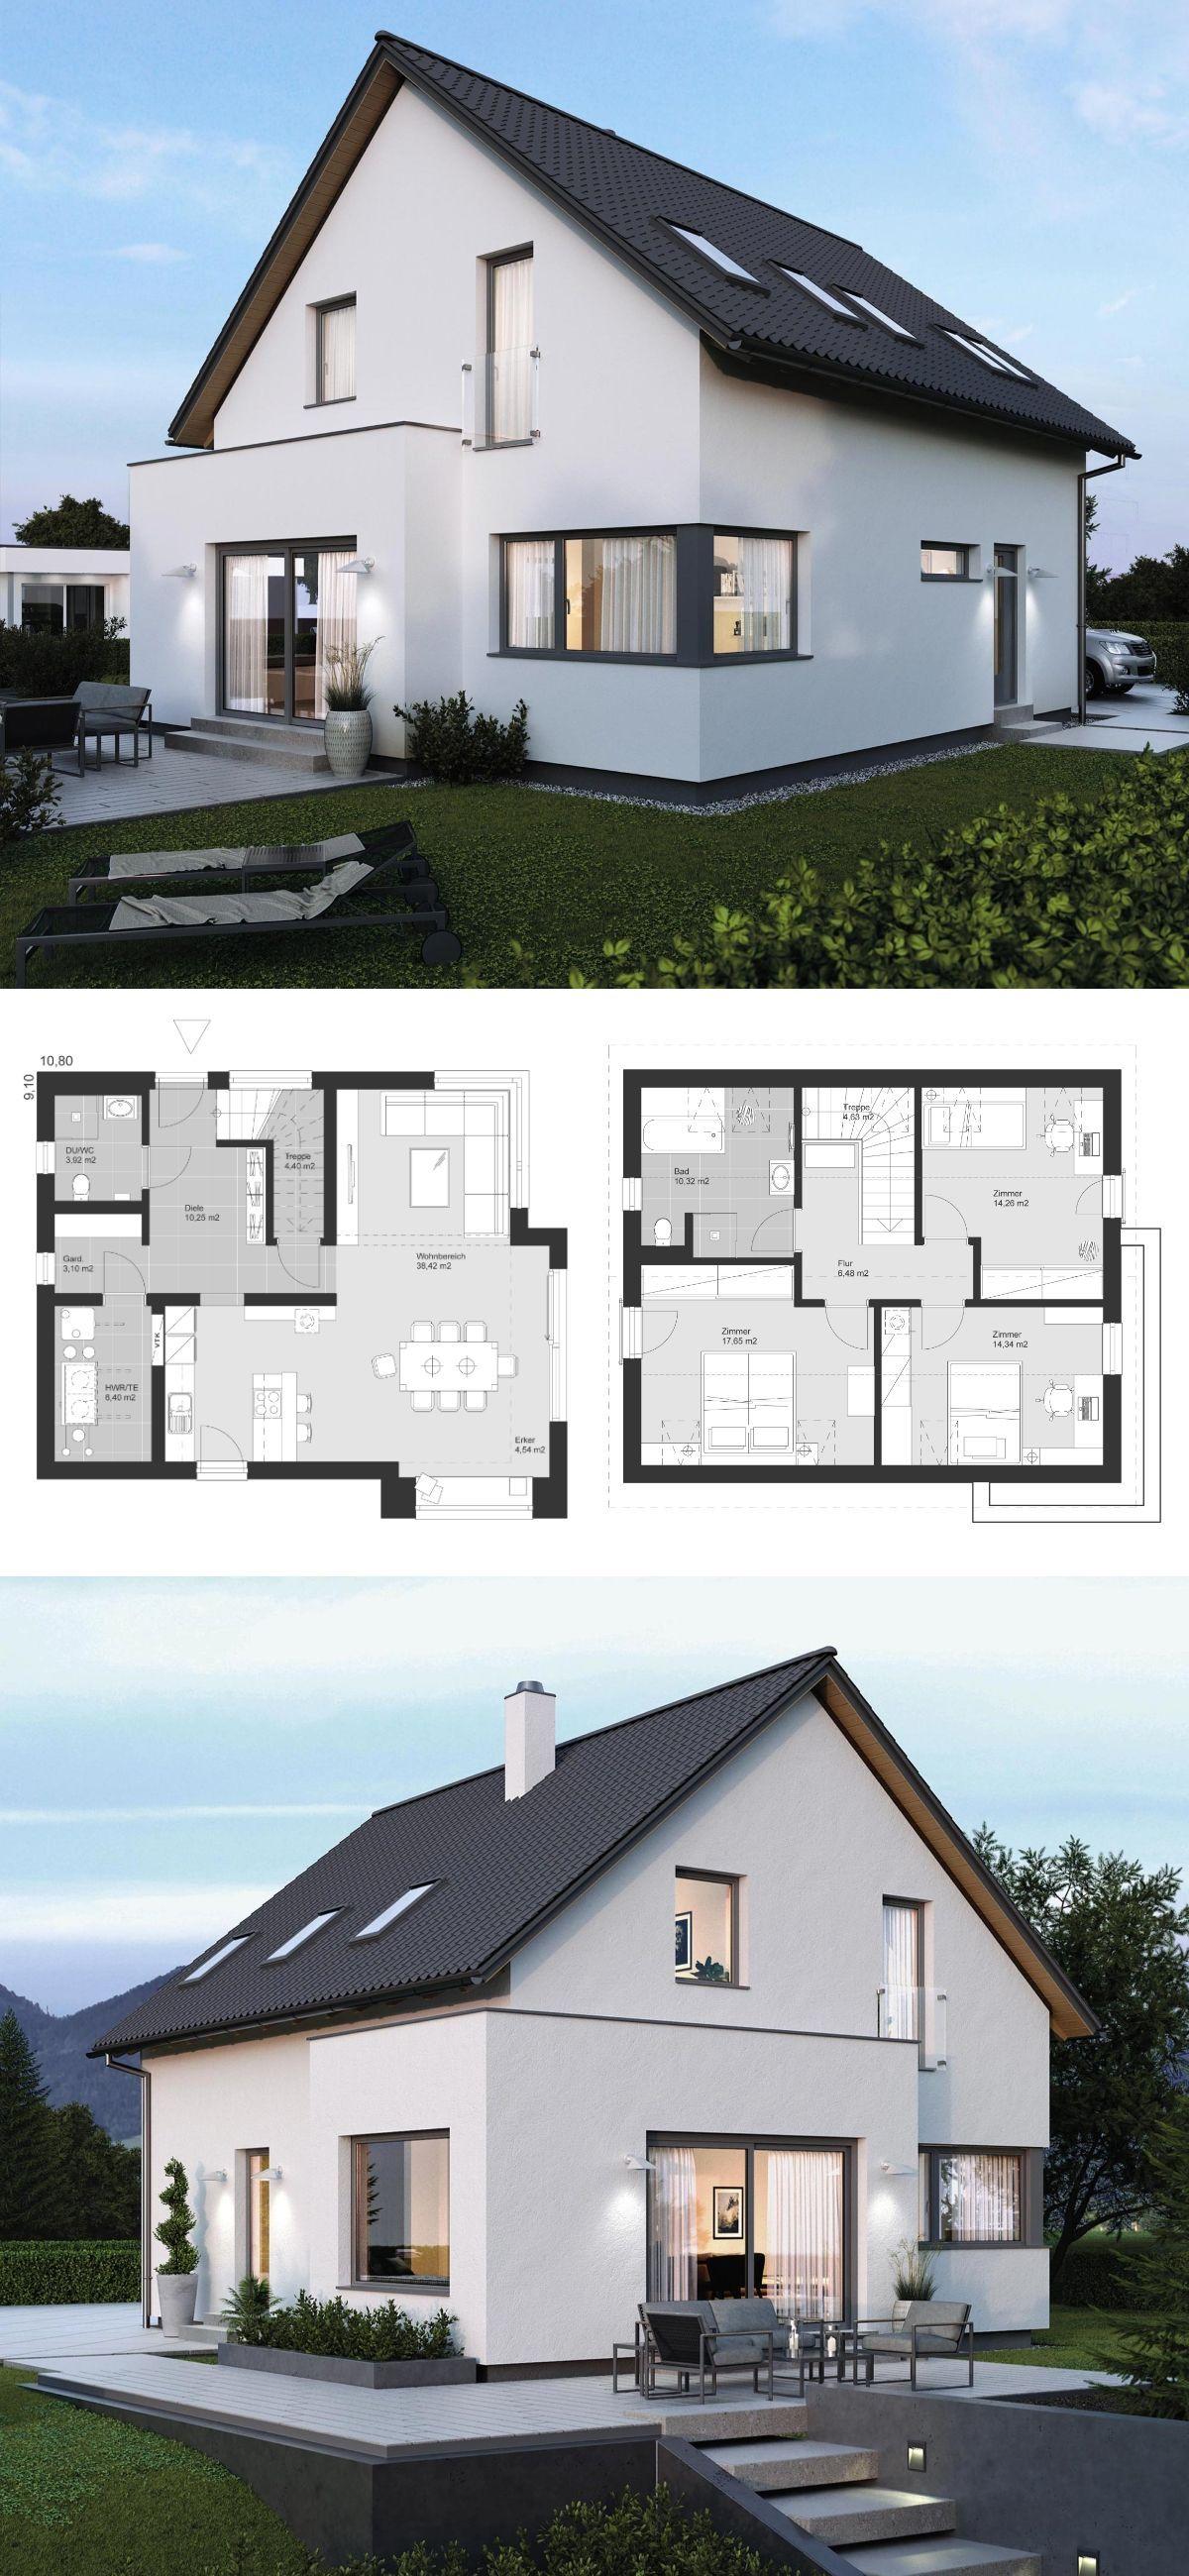 Satteldach haus modern mit erker anbau 4 zimmer for Einfamilienhaus bauen ideen